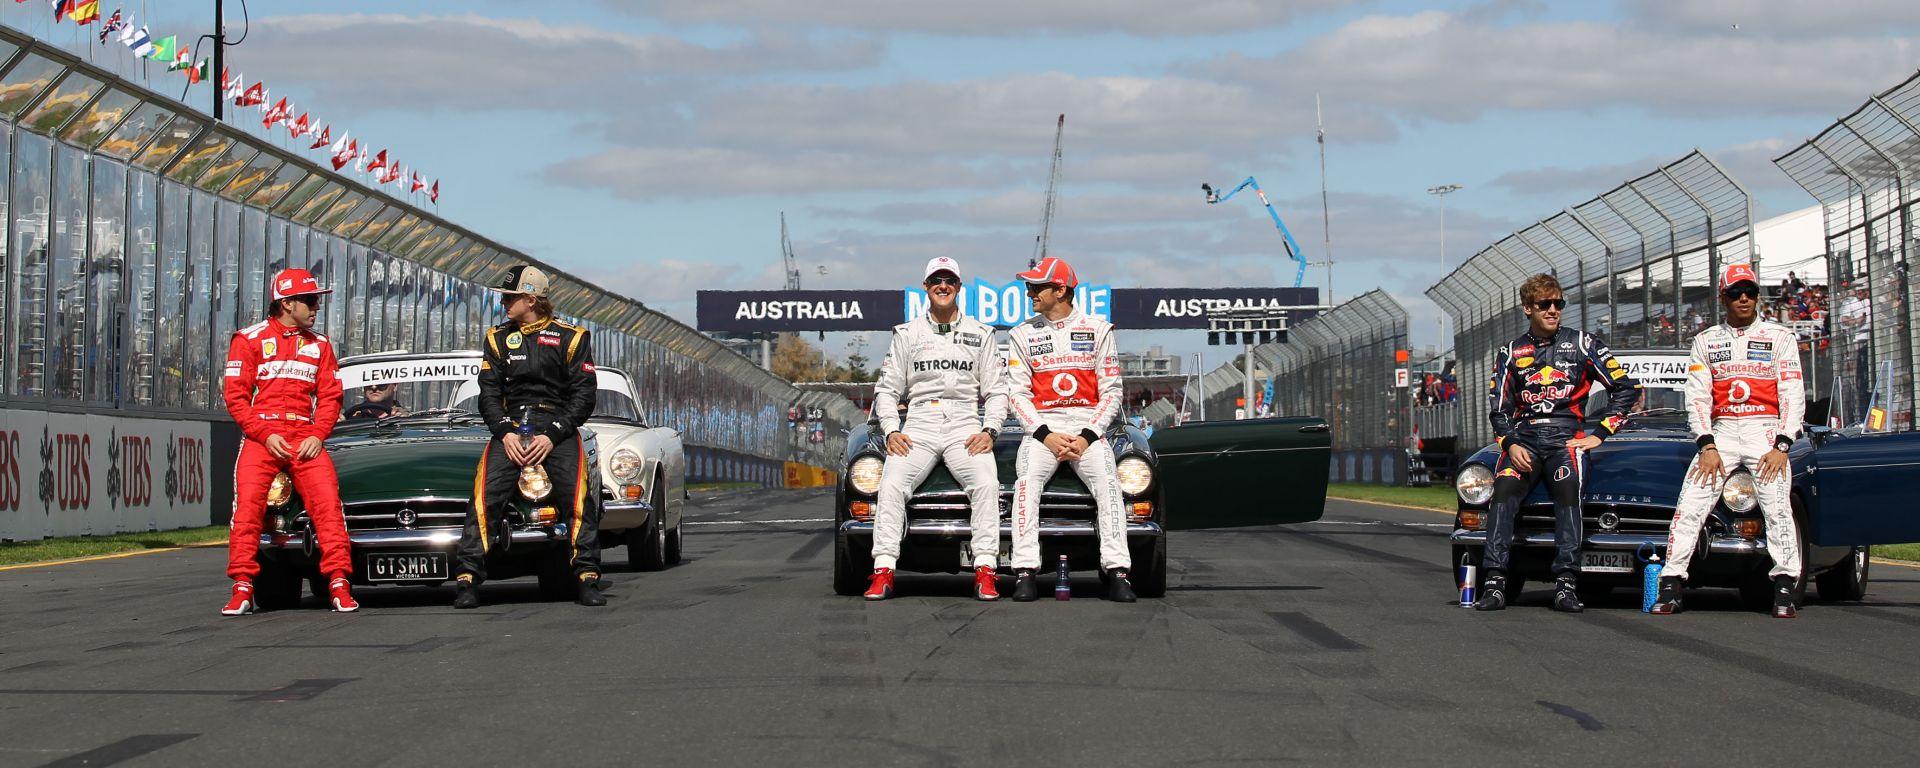 Albo d'oro Formula 1: Alonso (2005, 2006), Raikkonen (2007), Schumacher (1994, 1995, 2000-2004), Vettel (2010-2013), Hamilton (2